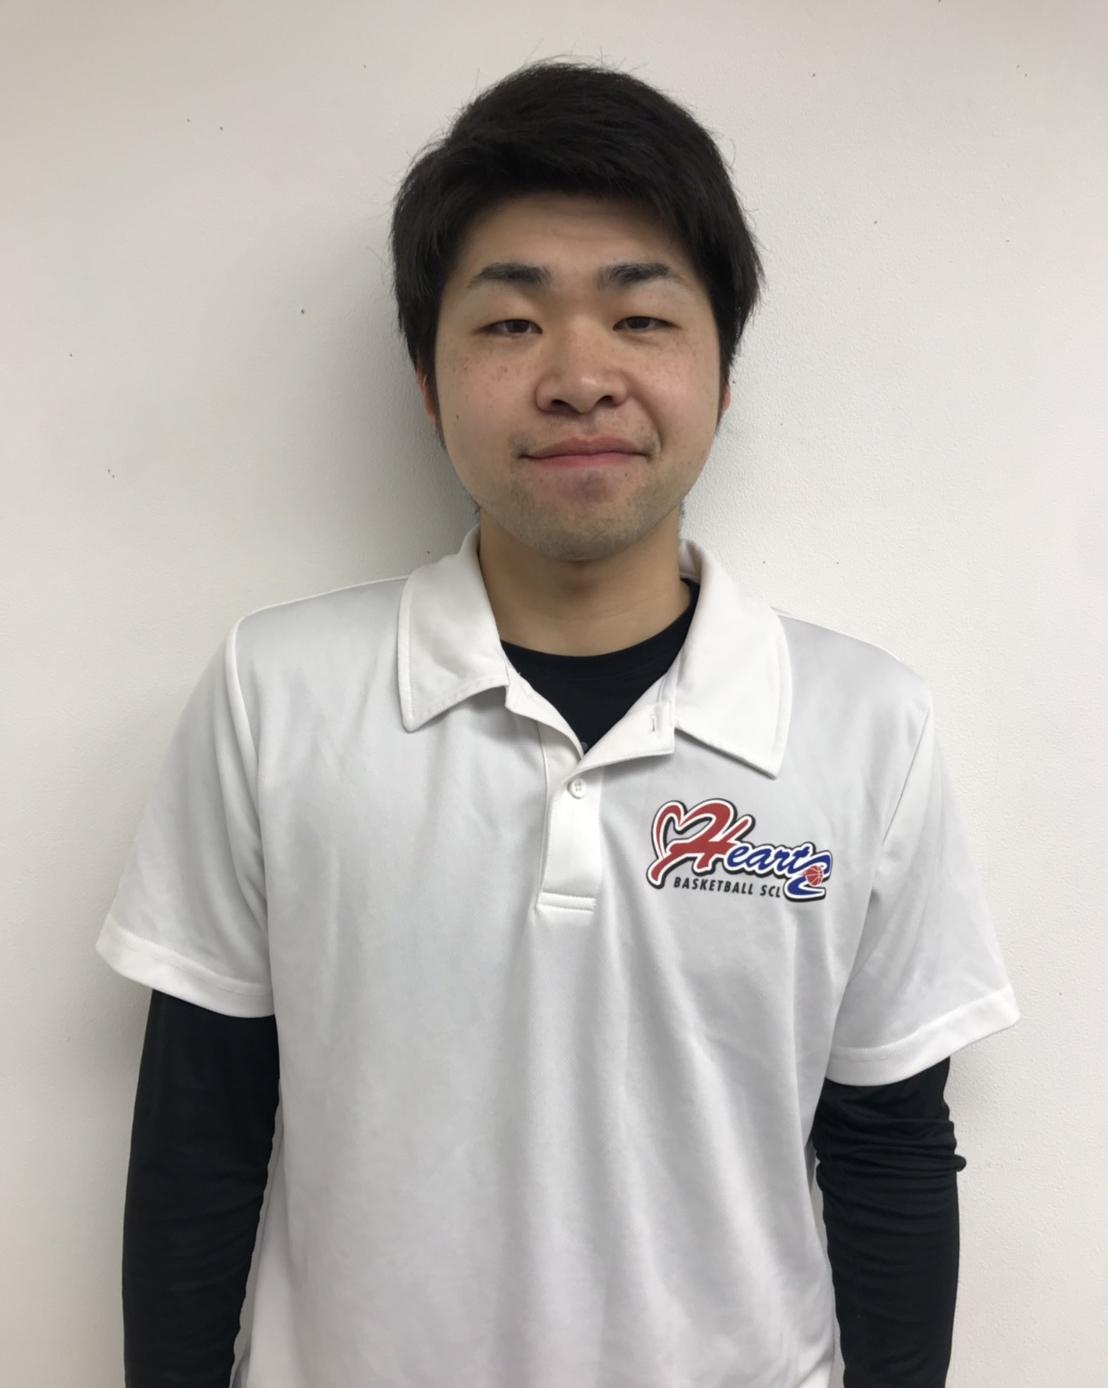 吉崎 慎大郎